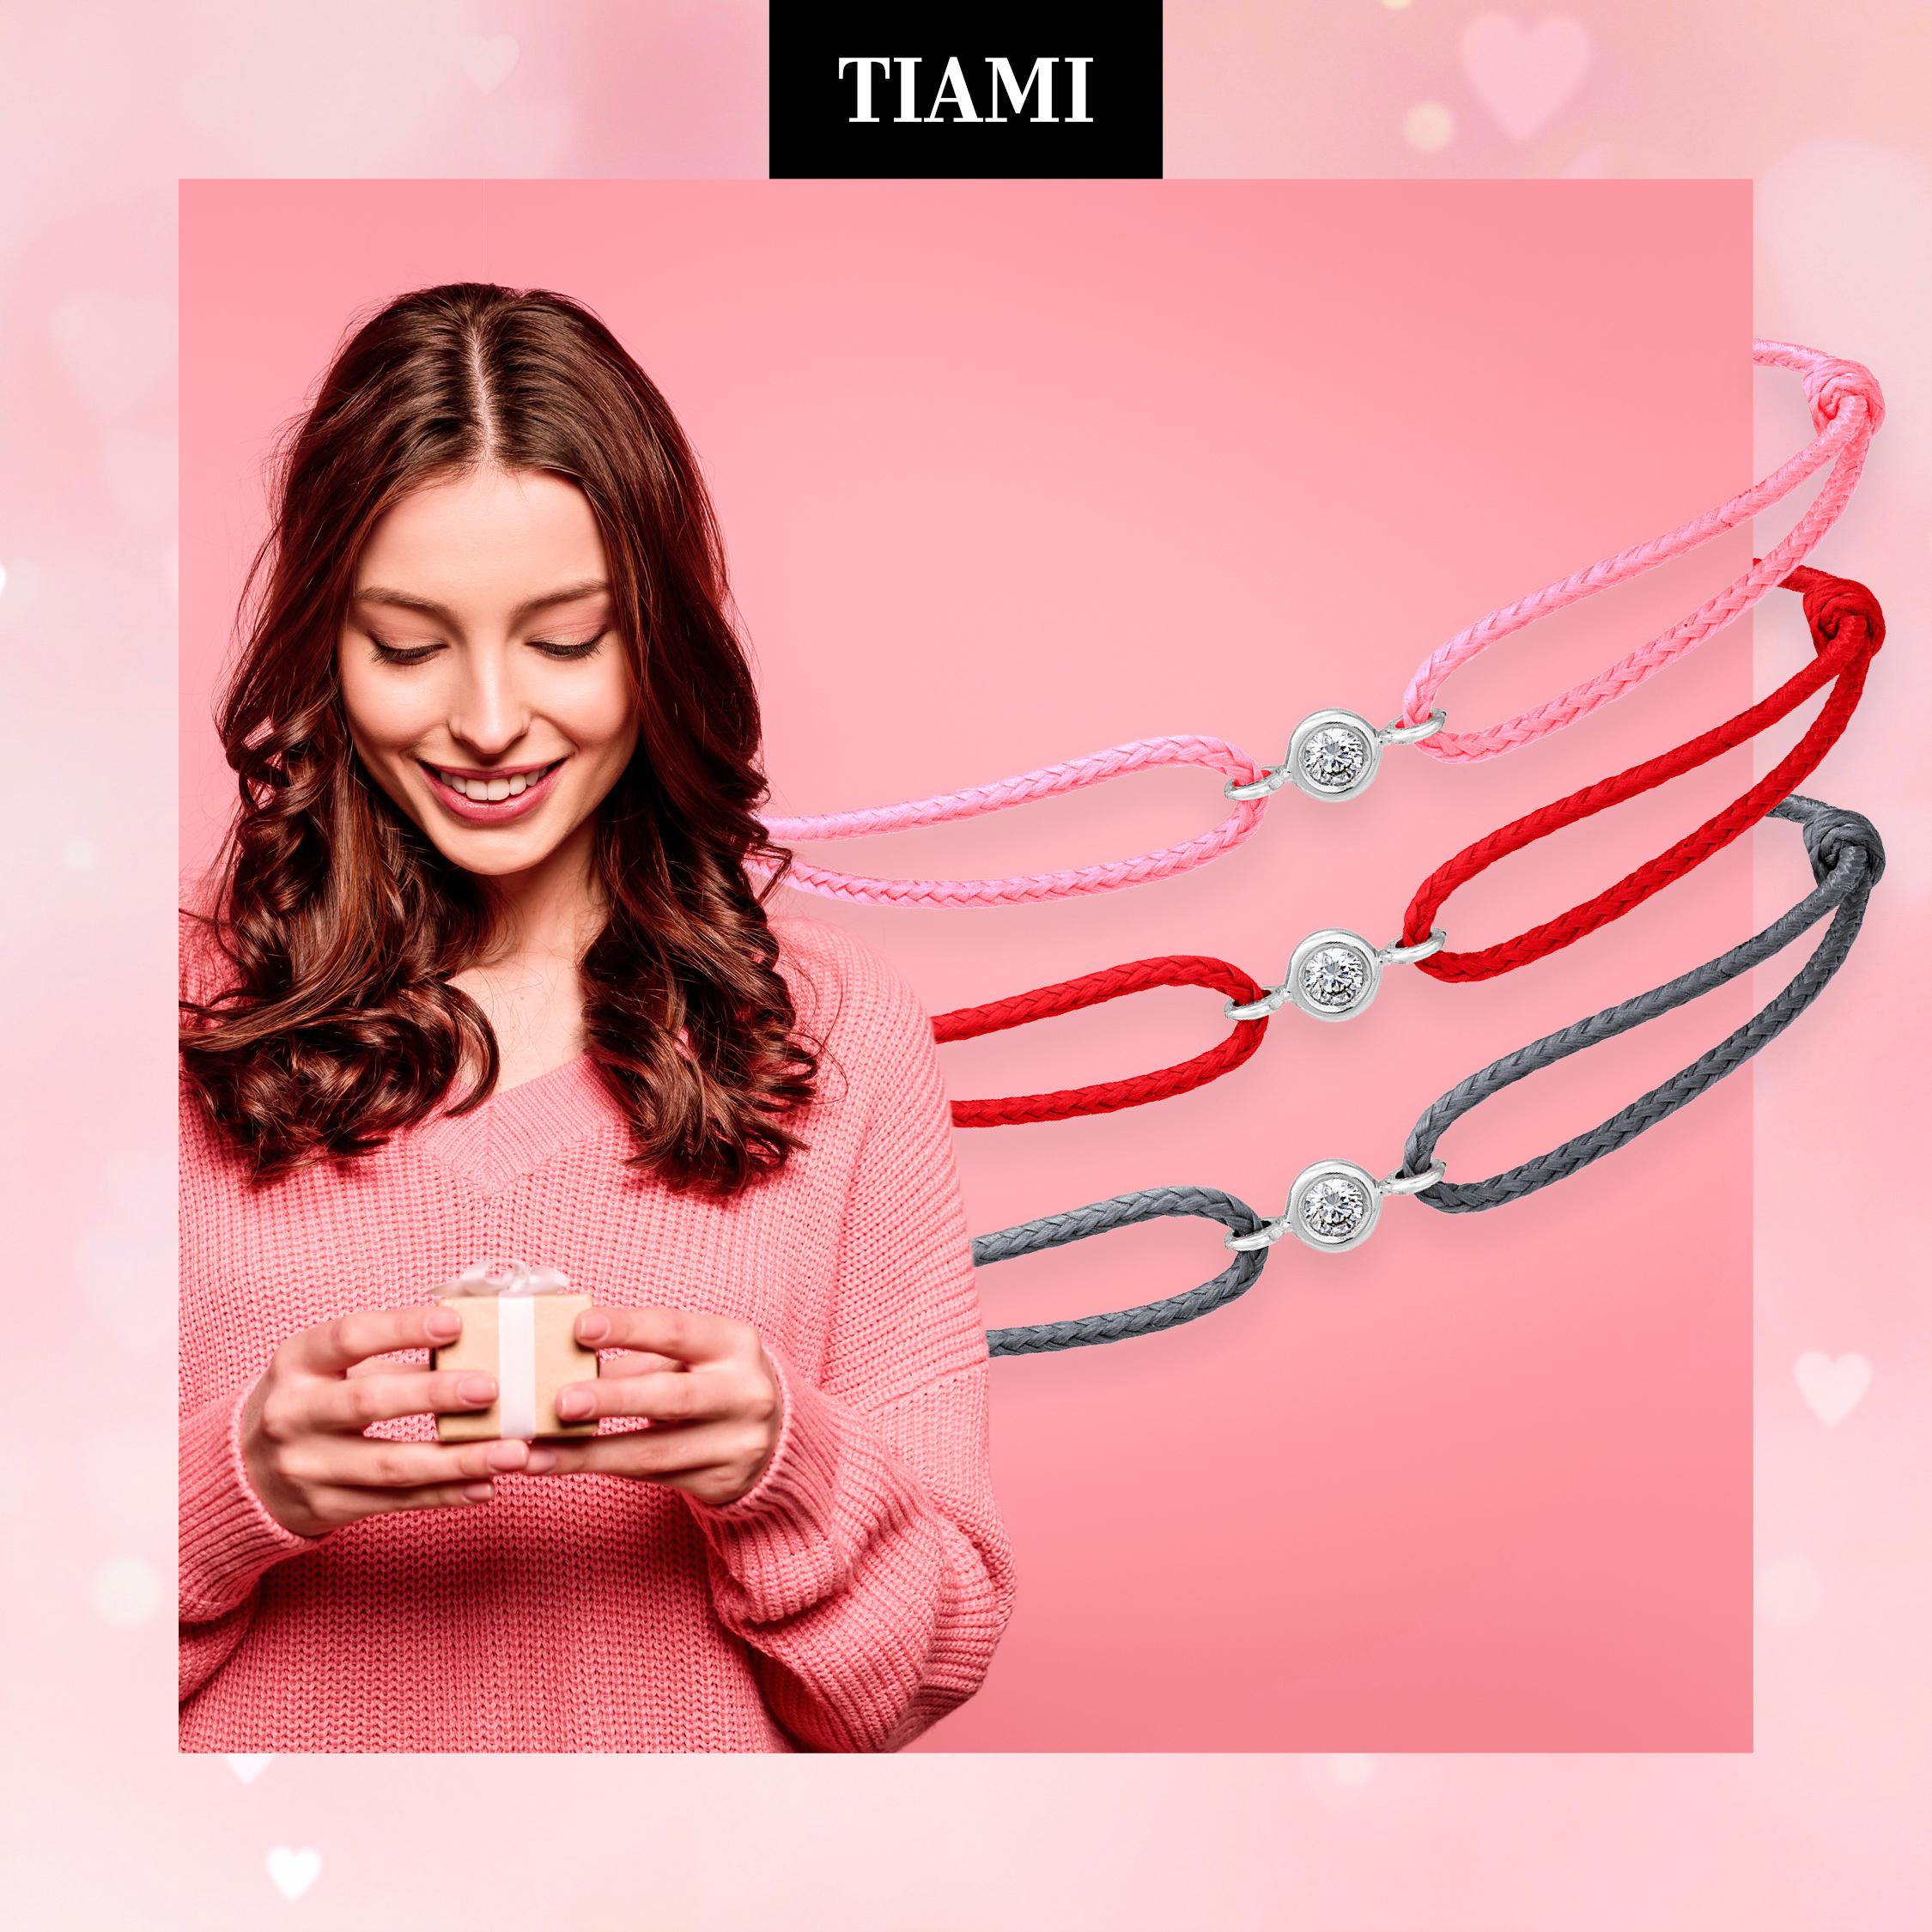 MÓDA.CZ: Gabriela Dědičová  bilancuje aneb jaký dárek nám TIAMI doporučí na Valentýna?